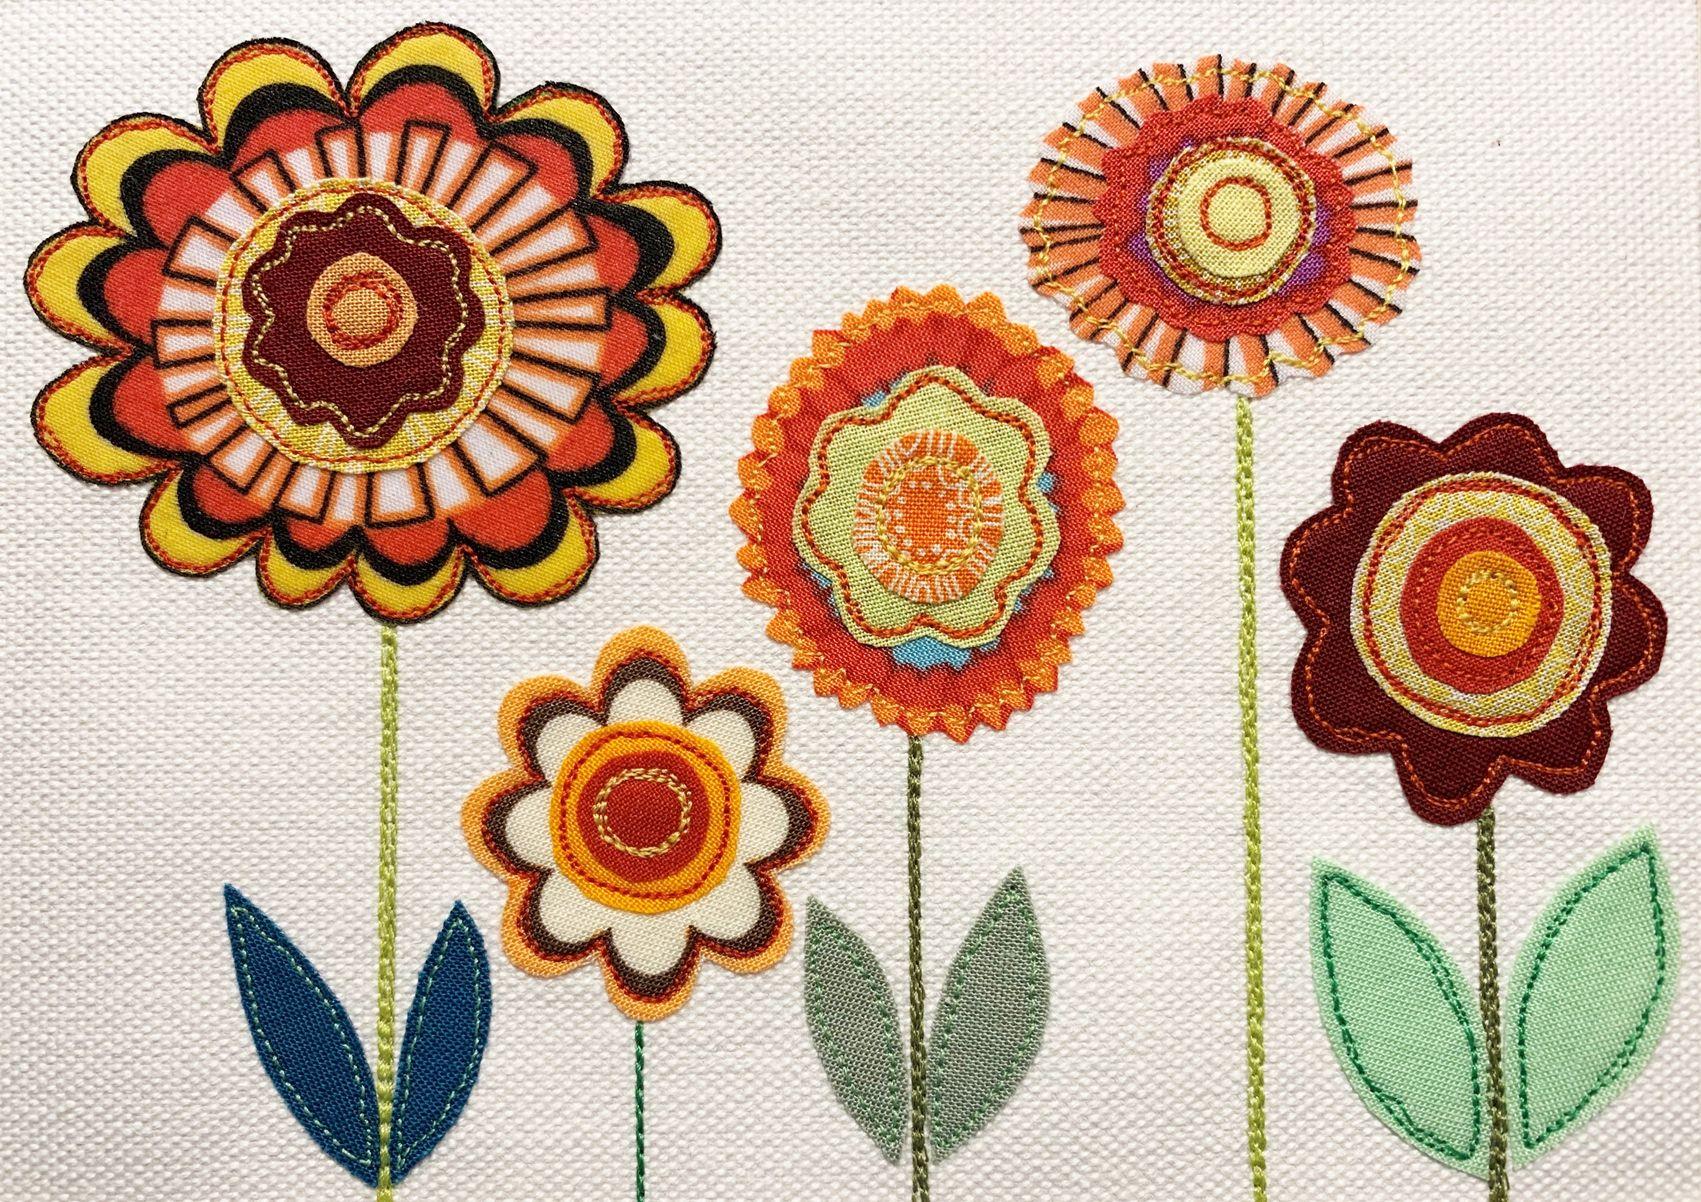 Appliqué picture of flowers